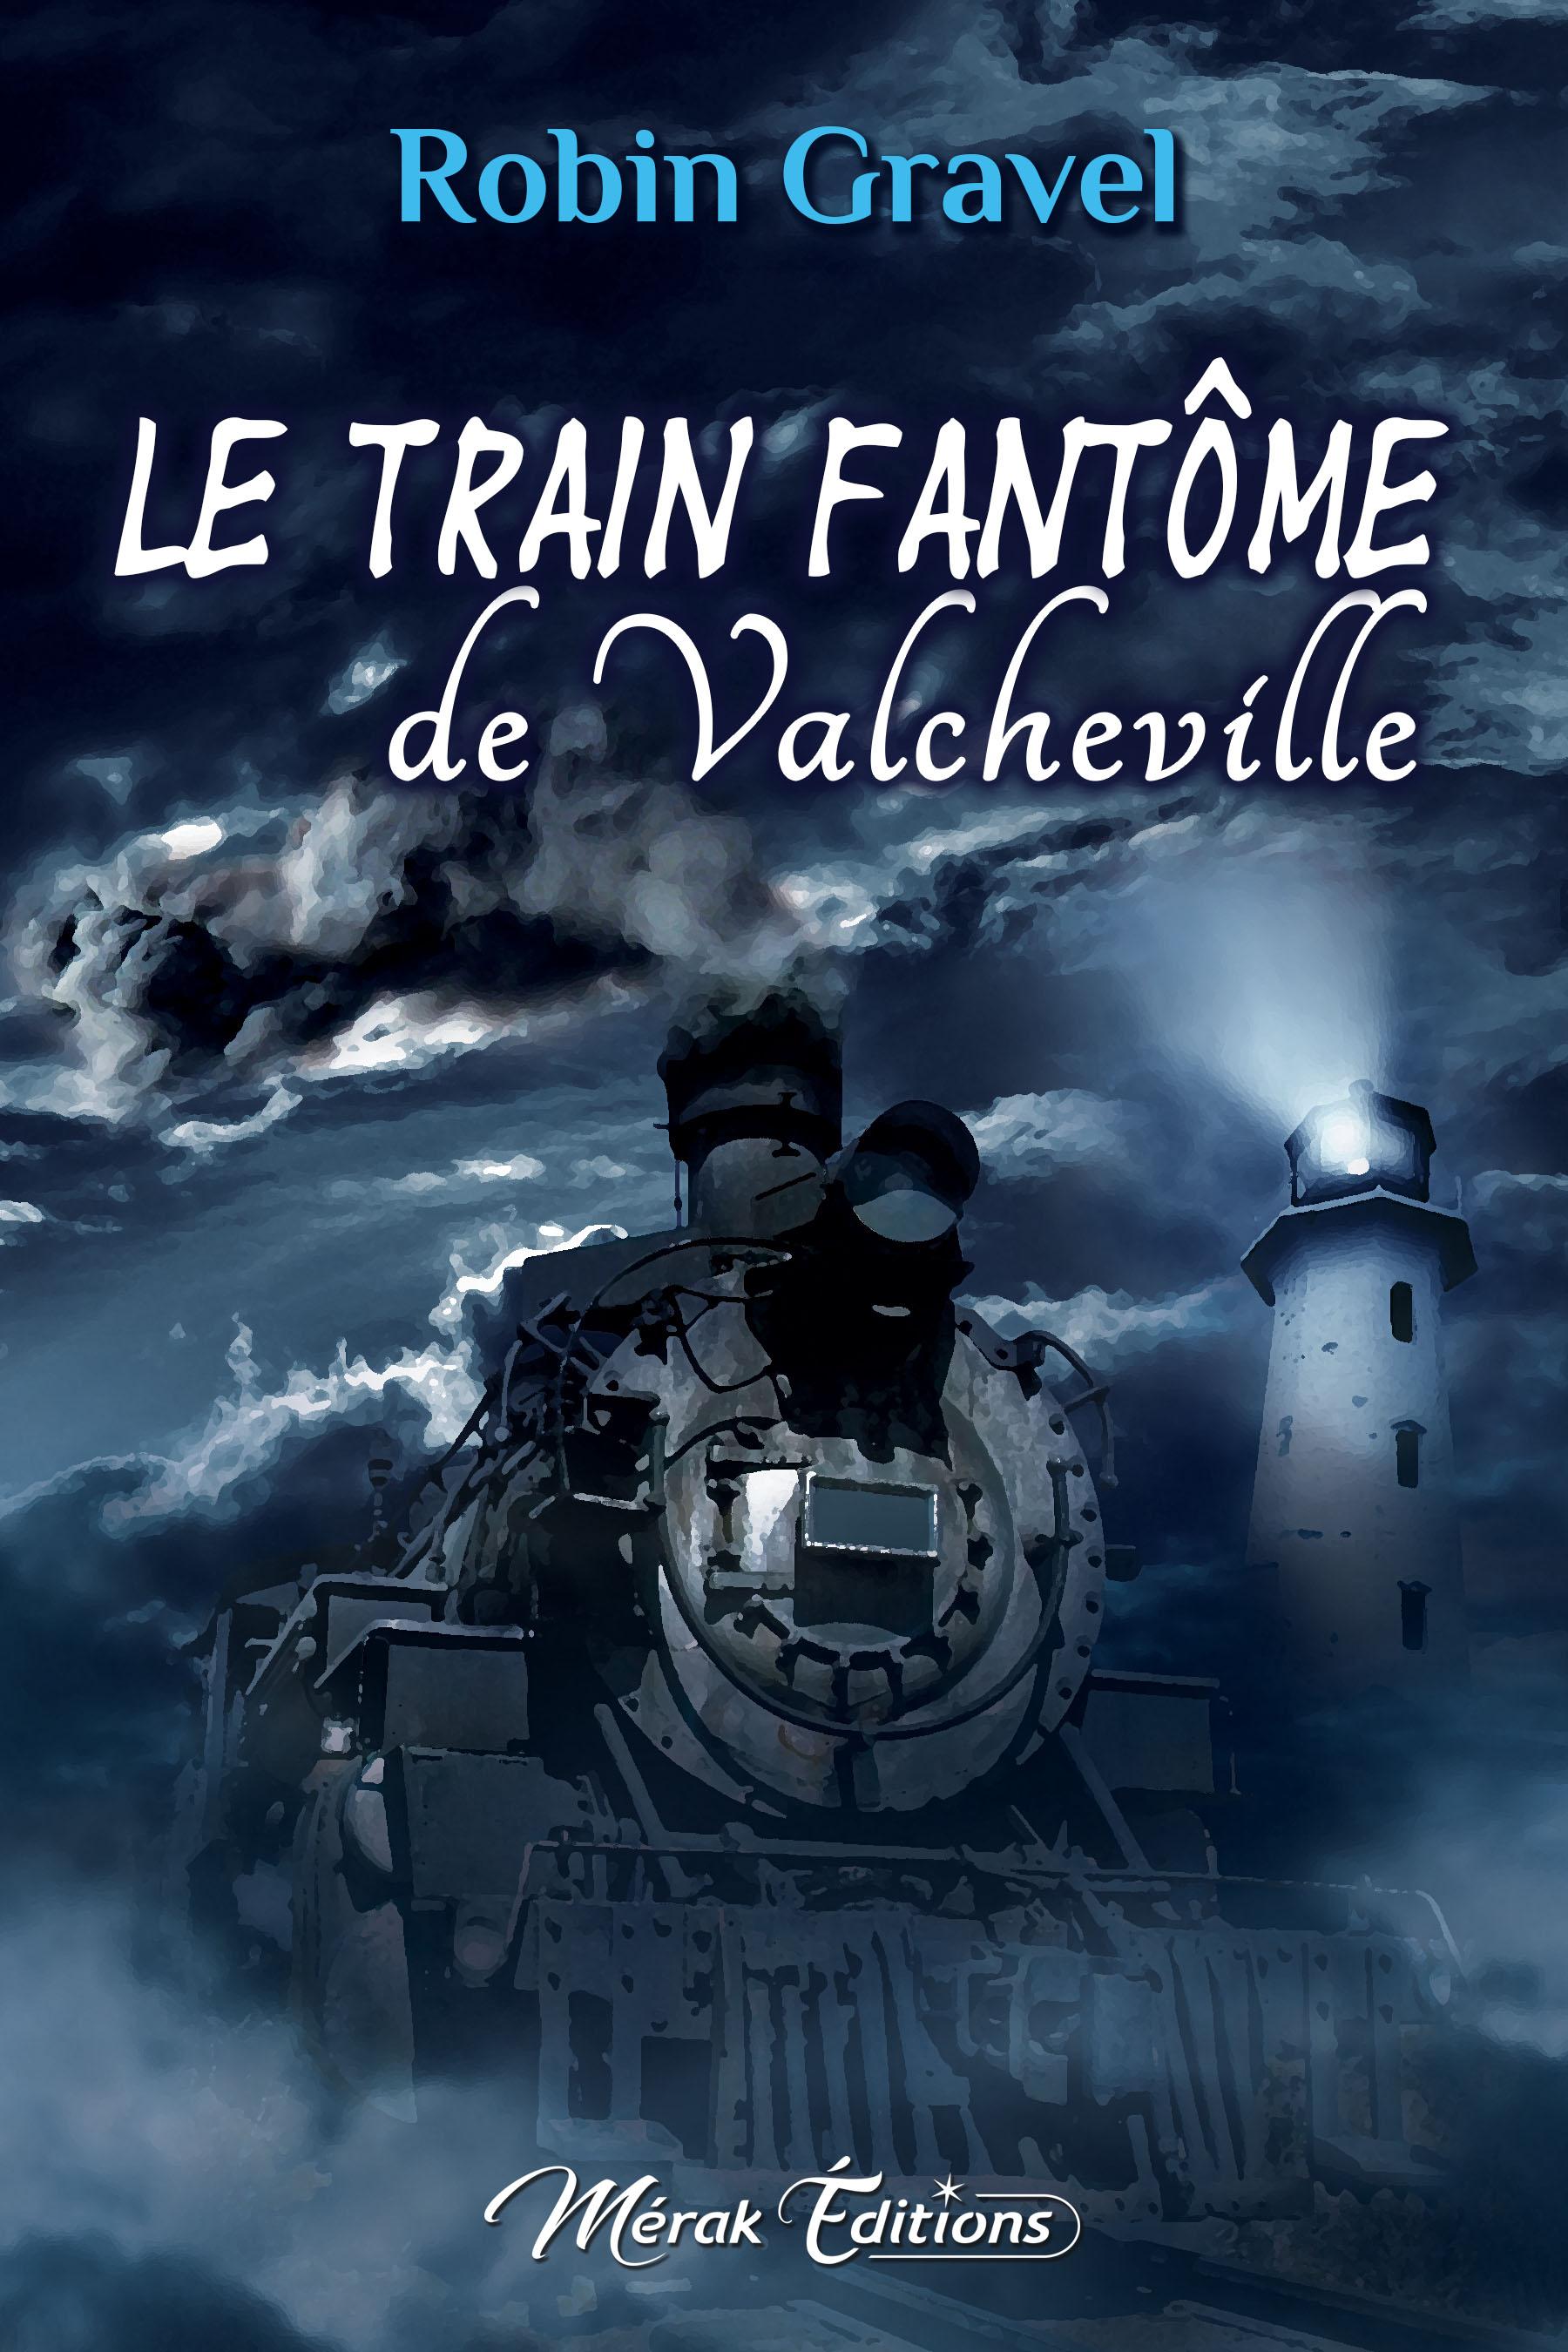 Le train fantôme de Valchev...